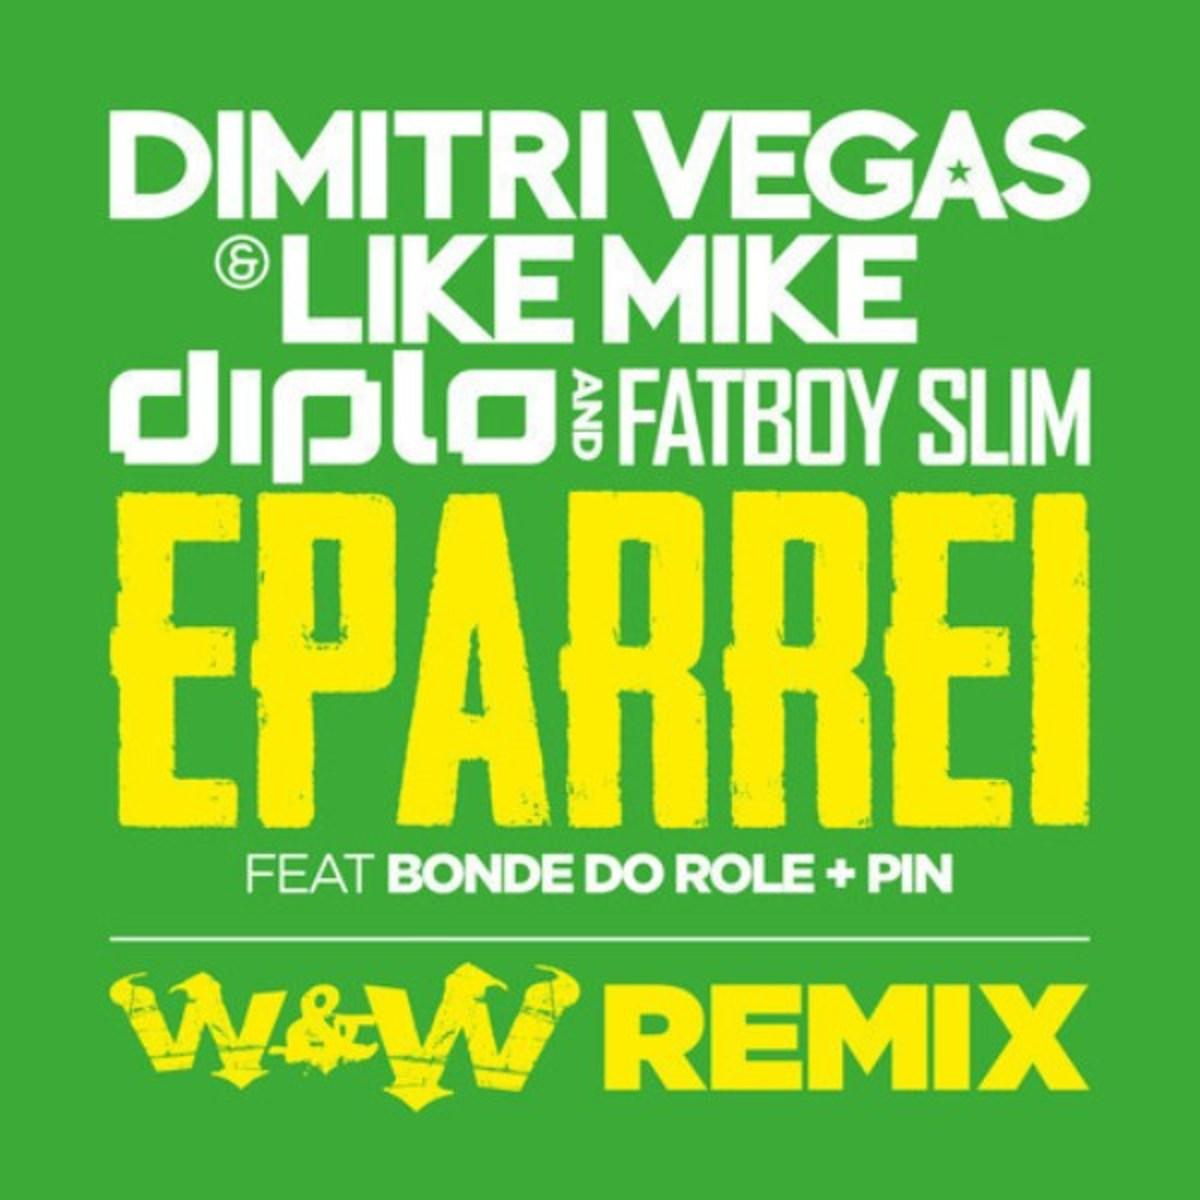 W&W Remixes 'Eparrei' World Cup EDM Festival Banger